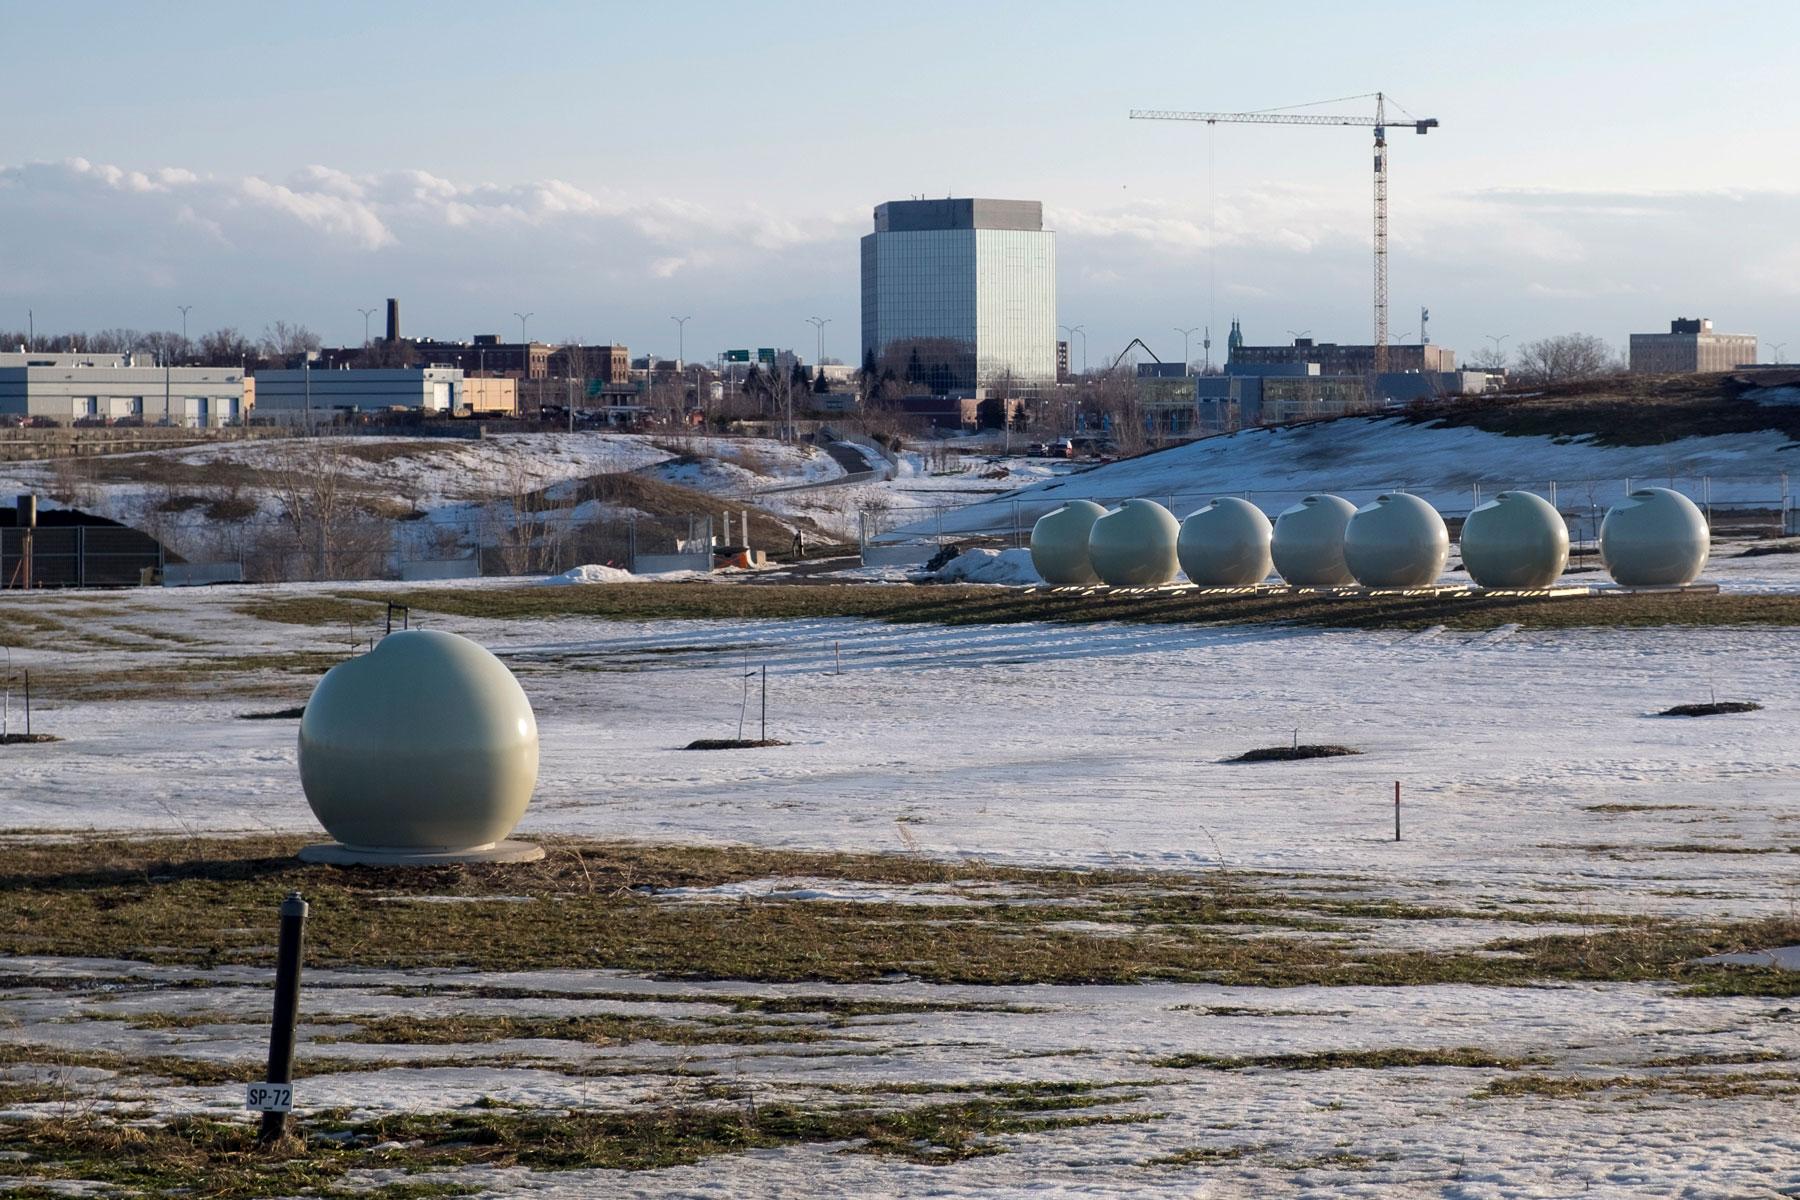 Le Parc Frédéric-Back commençait déjà à prendre forme l'hiver passé.